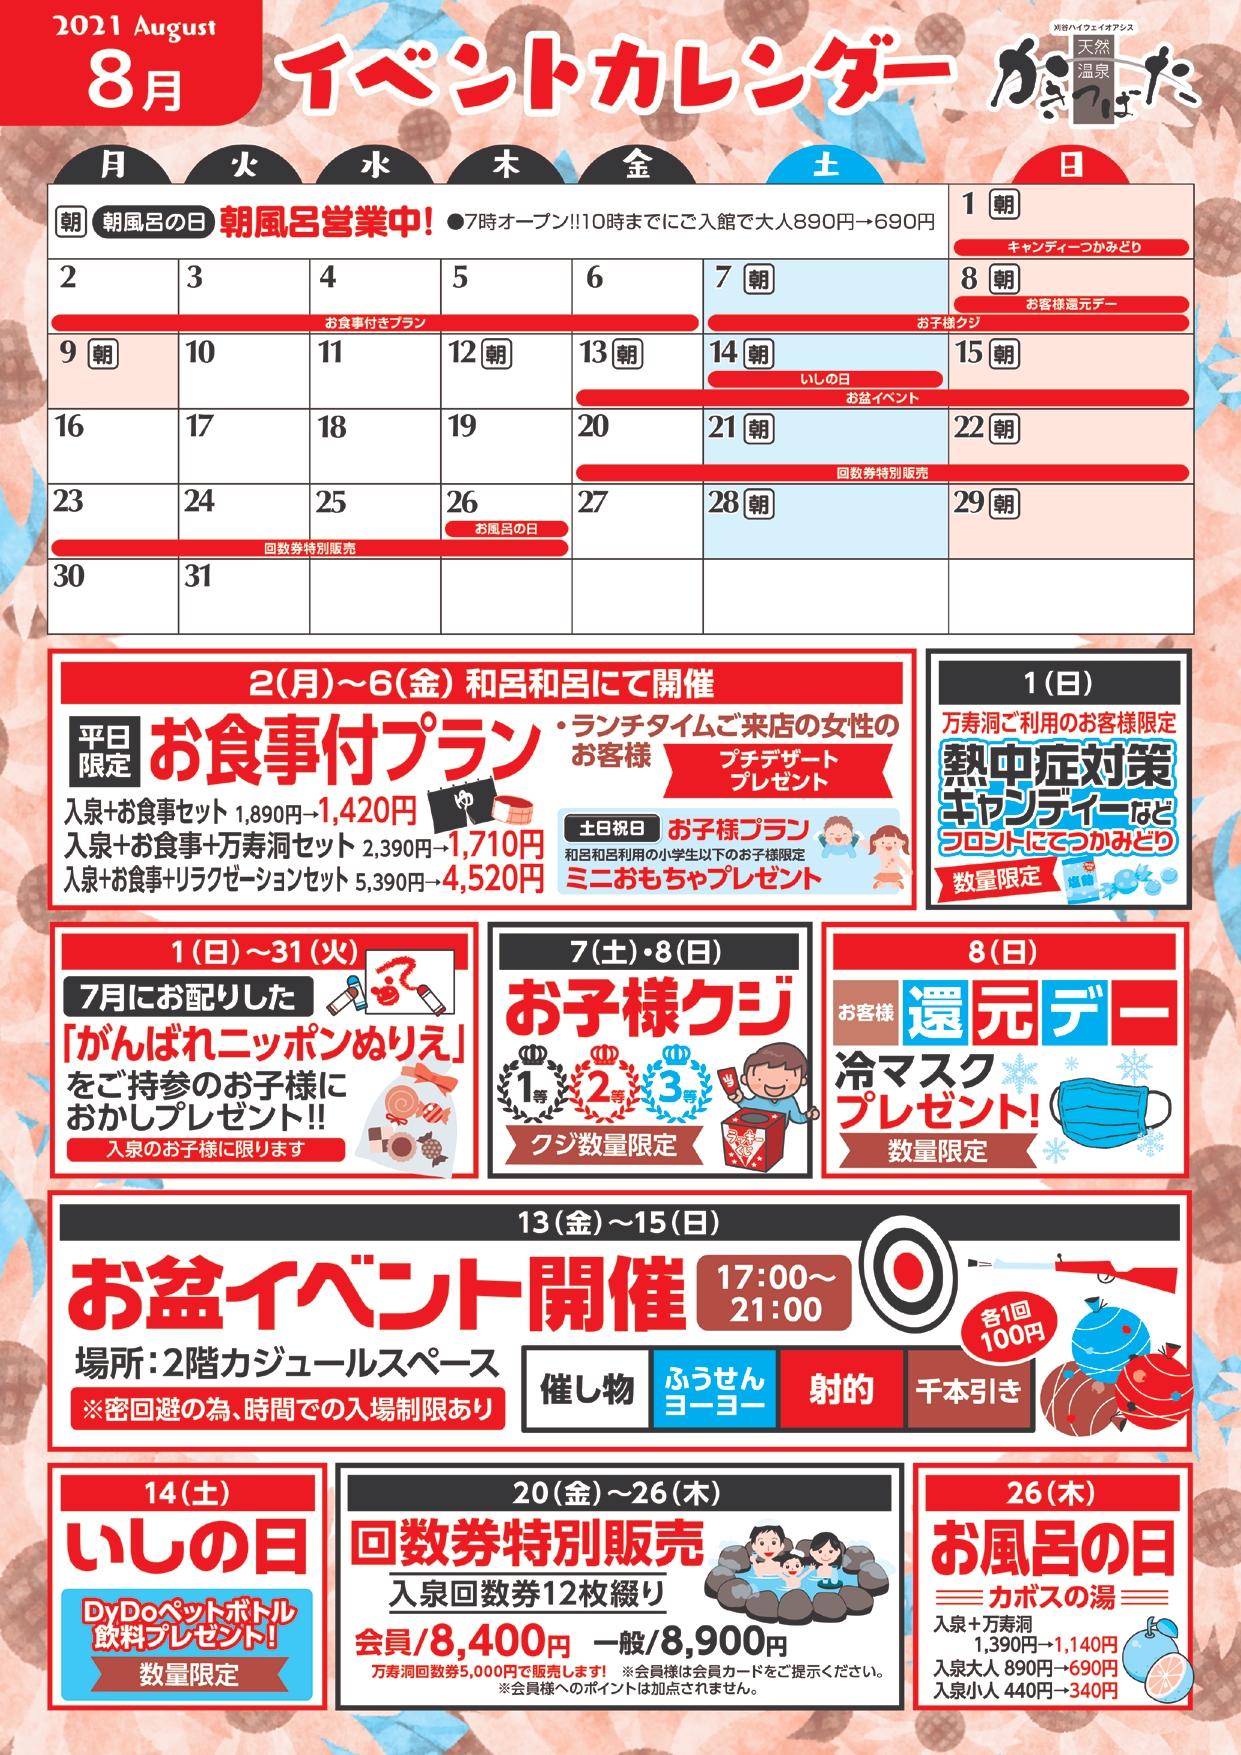 2021年8月イベントカレンダー